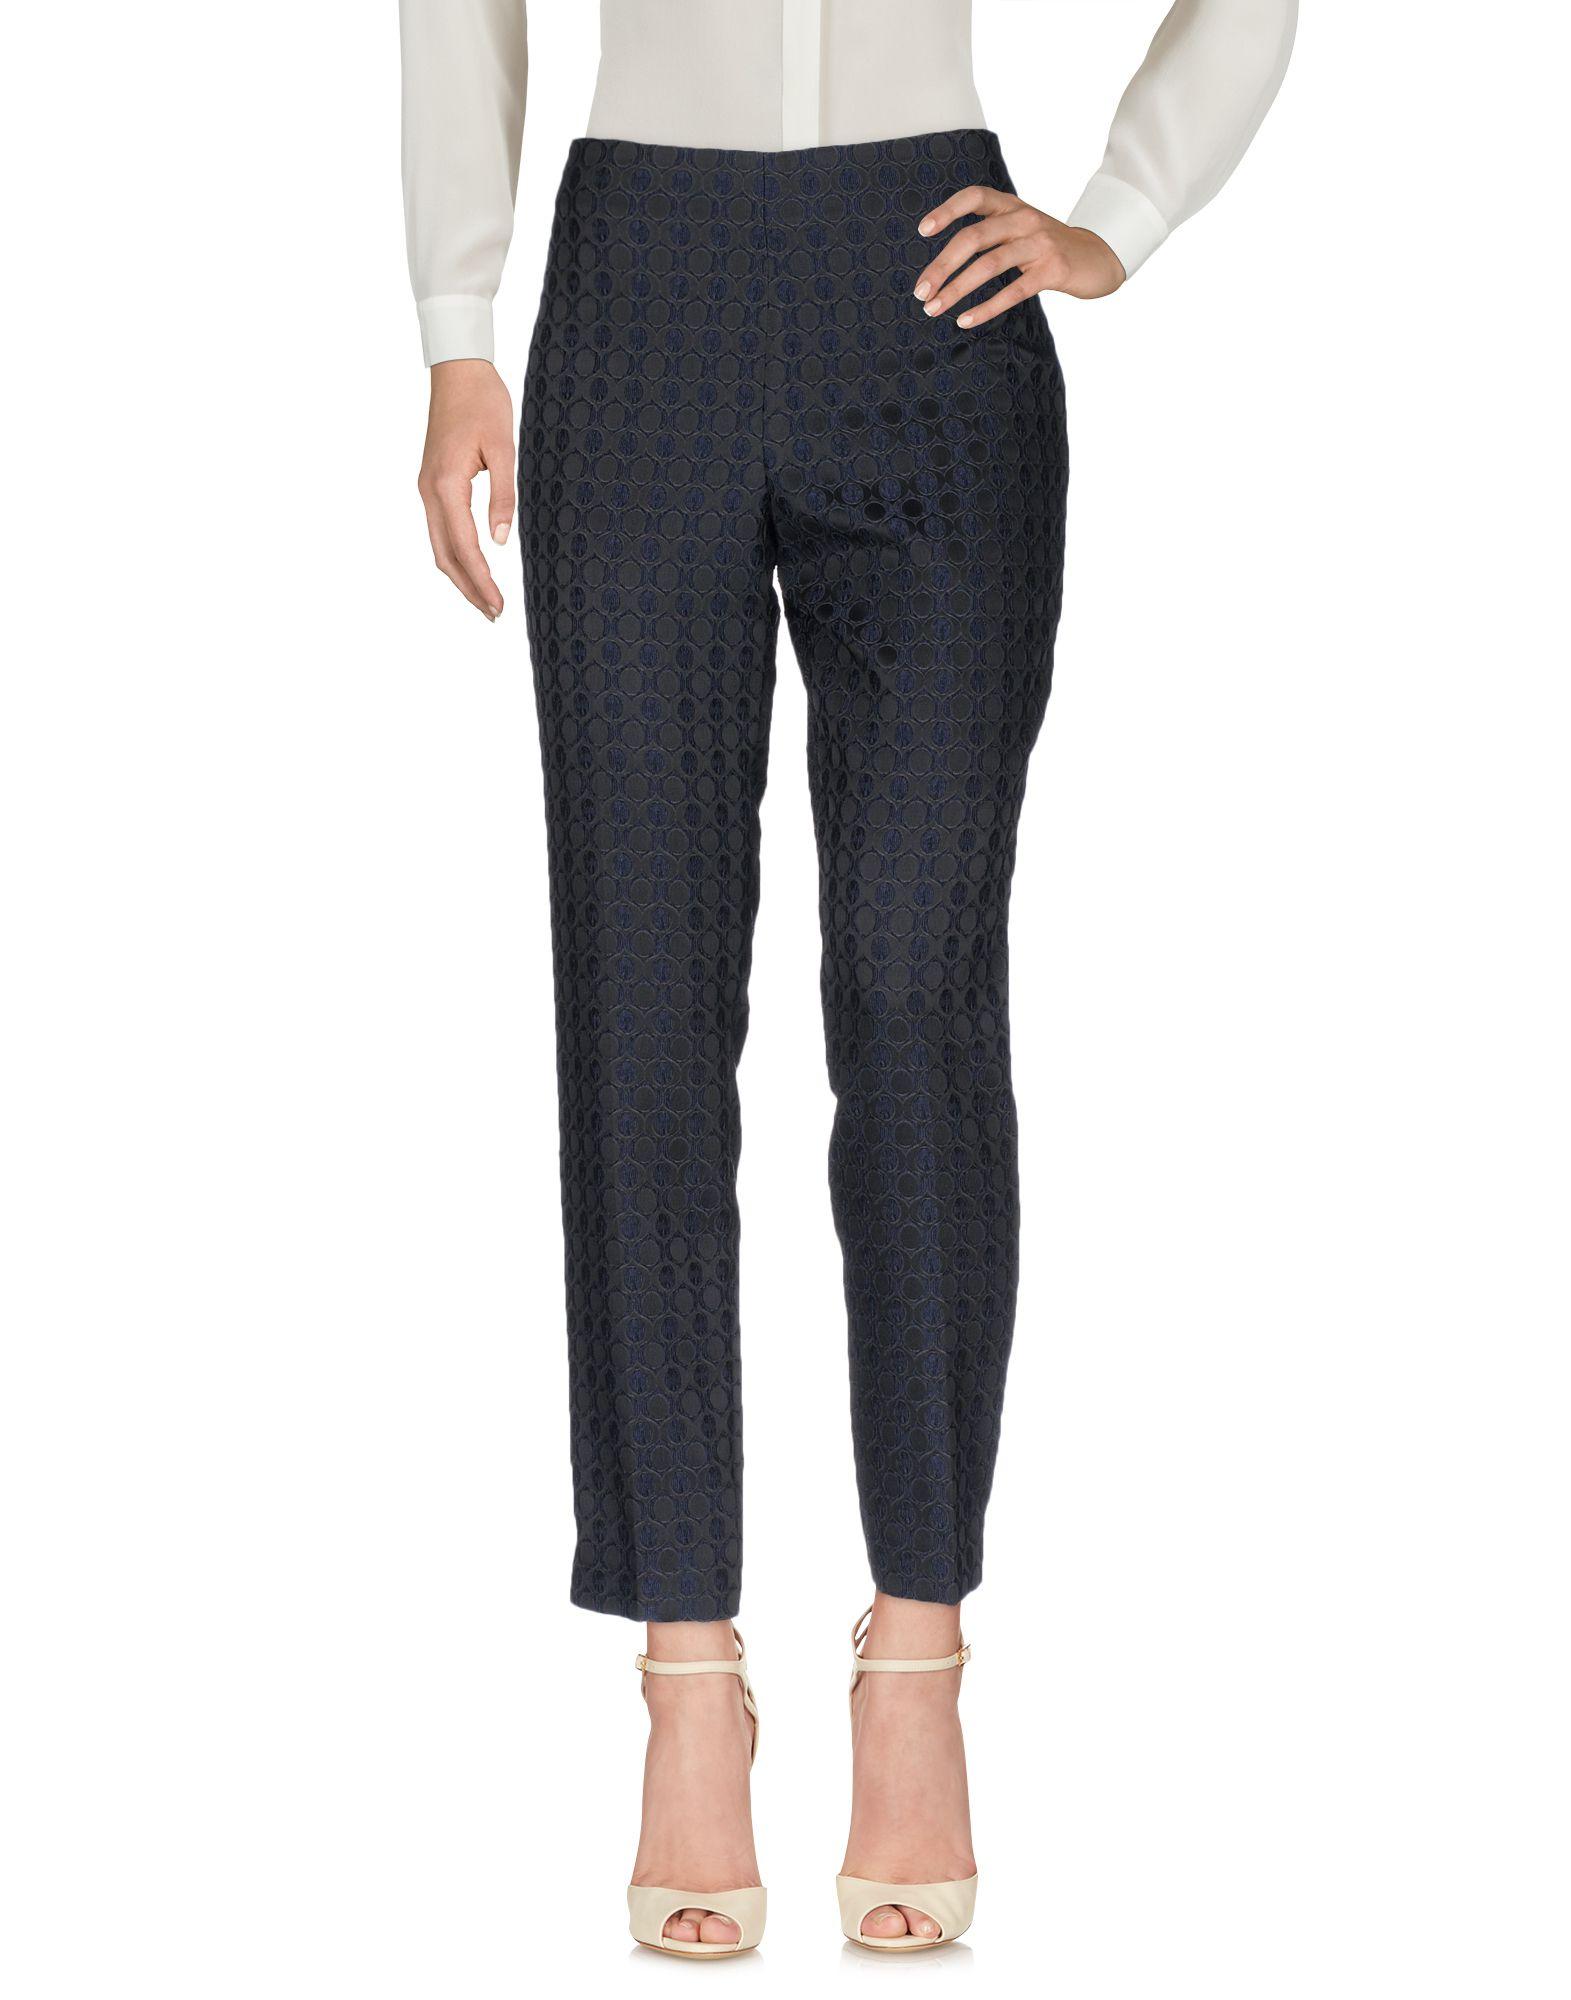 Pantalone Pt01 donna donna donna - 13140498WM 6b9